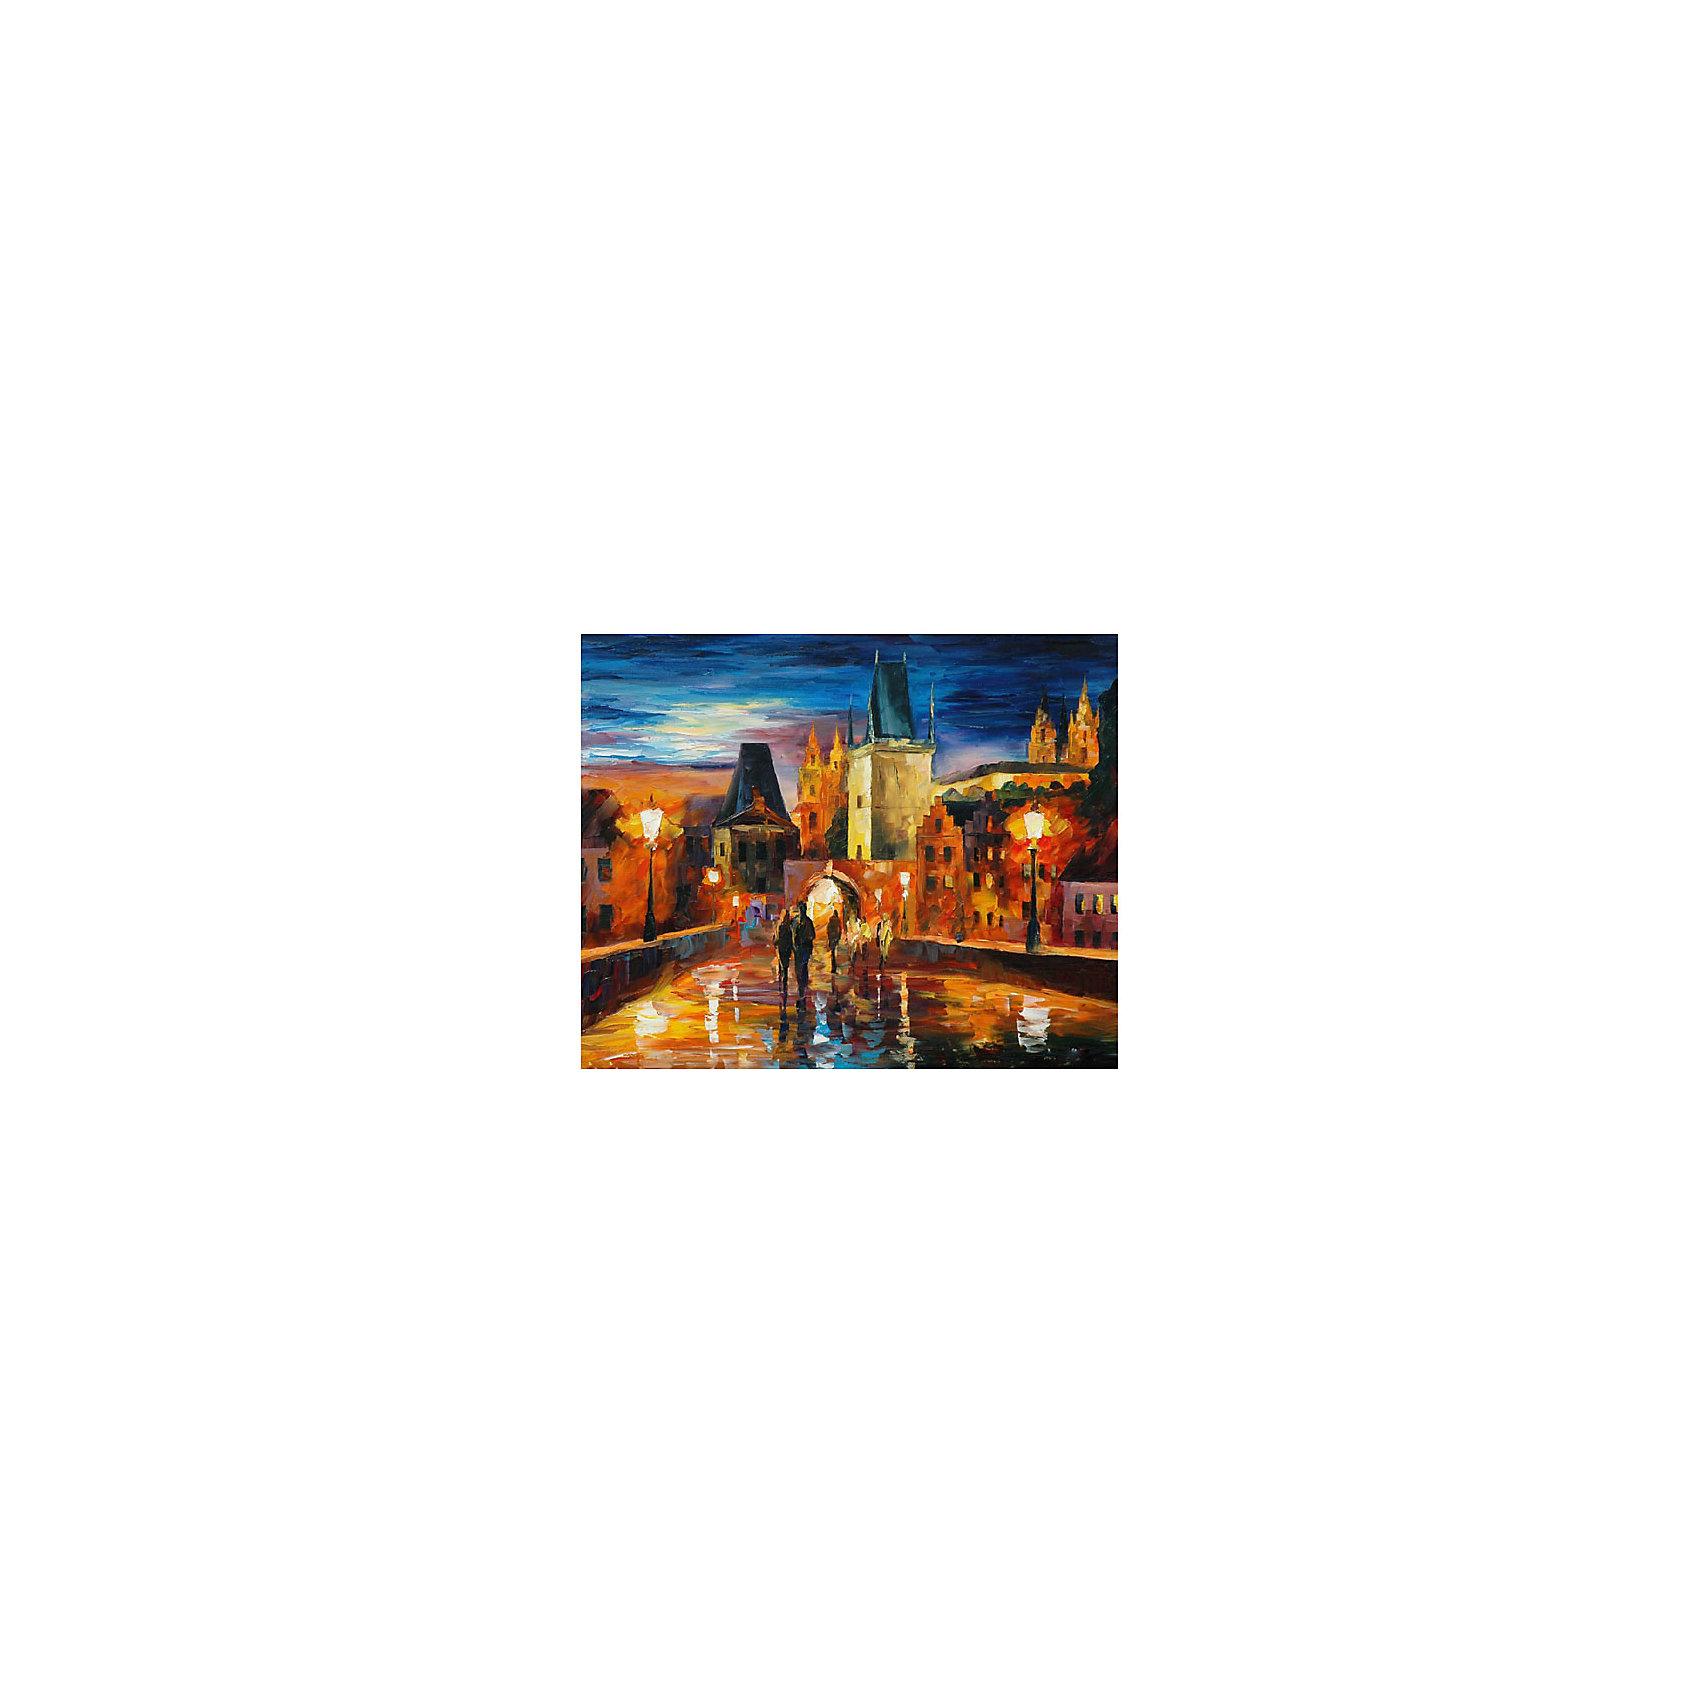 Картина по номерам Афремов: Ночь в Праге, 40*50 смКартины с раскраской по номерам размером 40*50. На деревянном подрамнике, с прогрунтованным холстом и  нанесенными контурами картины, с указанием цвета закраски, акриловыми красками, 3 кисточками и креплением на стену. Уровень сложности, количество красок указаны на коробке.<br><br>Ширина мм: 500<br>Глубина мм: 400<br>Высота мм: 40<br>Вес г: 730<br>Возраст от месяцев: 108<br>Возраст до месяцев: 2147483647<br>Пол: Унисекс<br>Возраст: Детский<br>SKU: 5417695